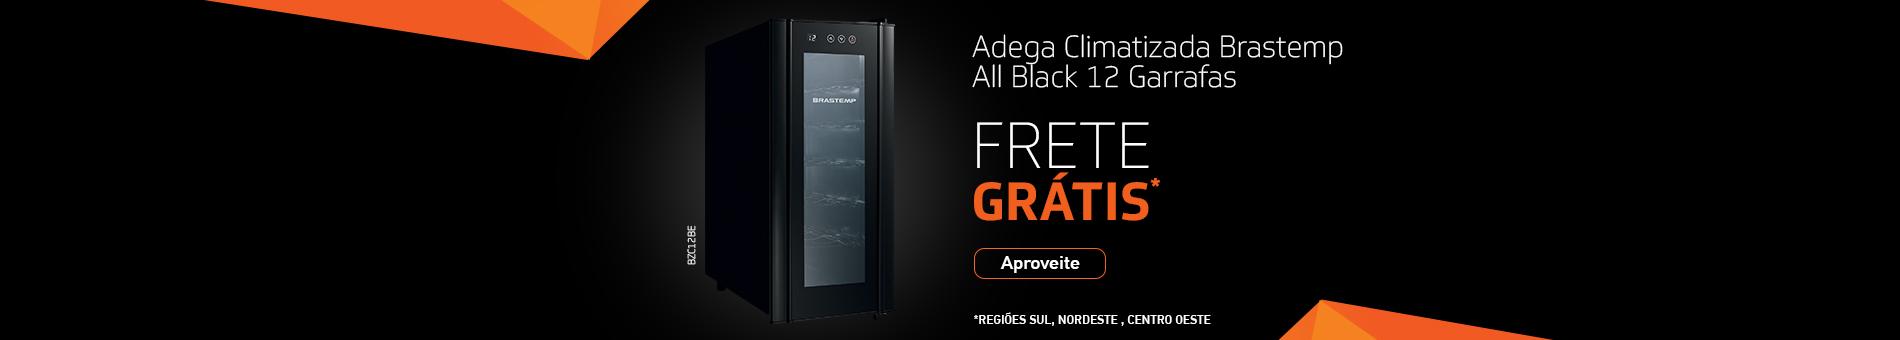 Promoção Interna - 389 - FreteGratis_BZC12BE_home_6052016 - BZC12BE - 6